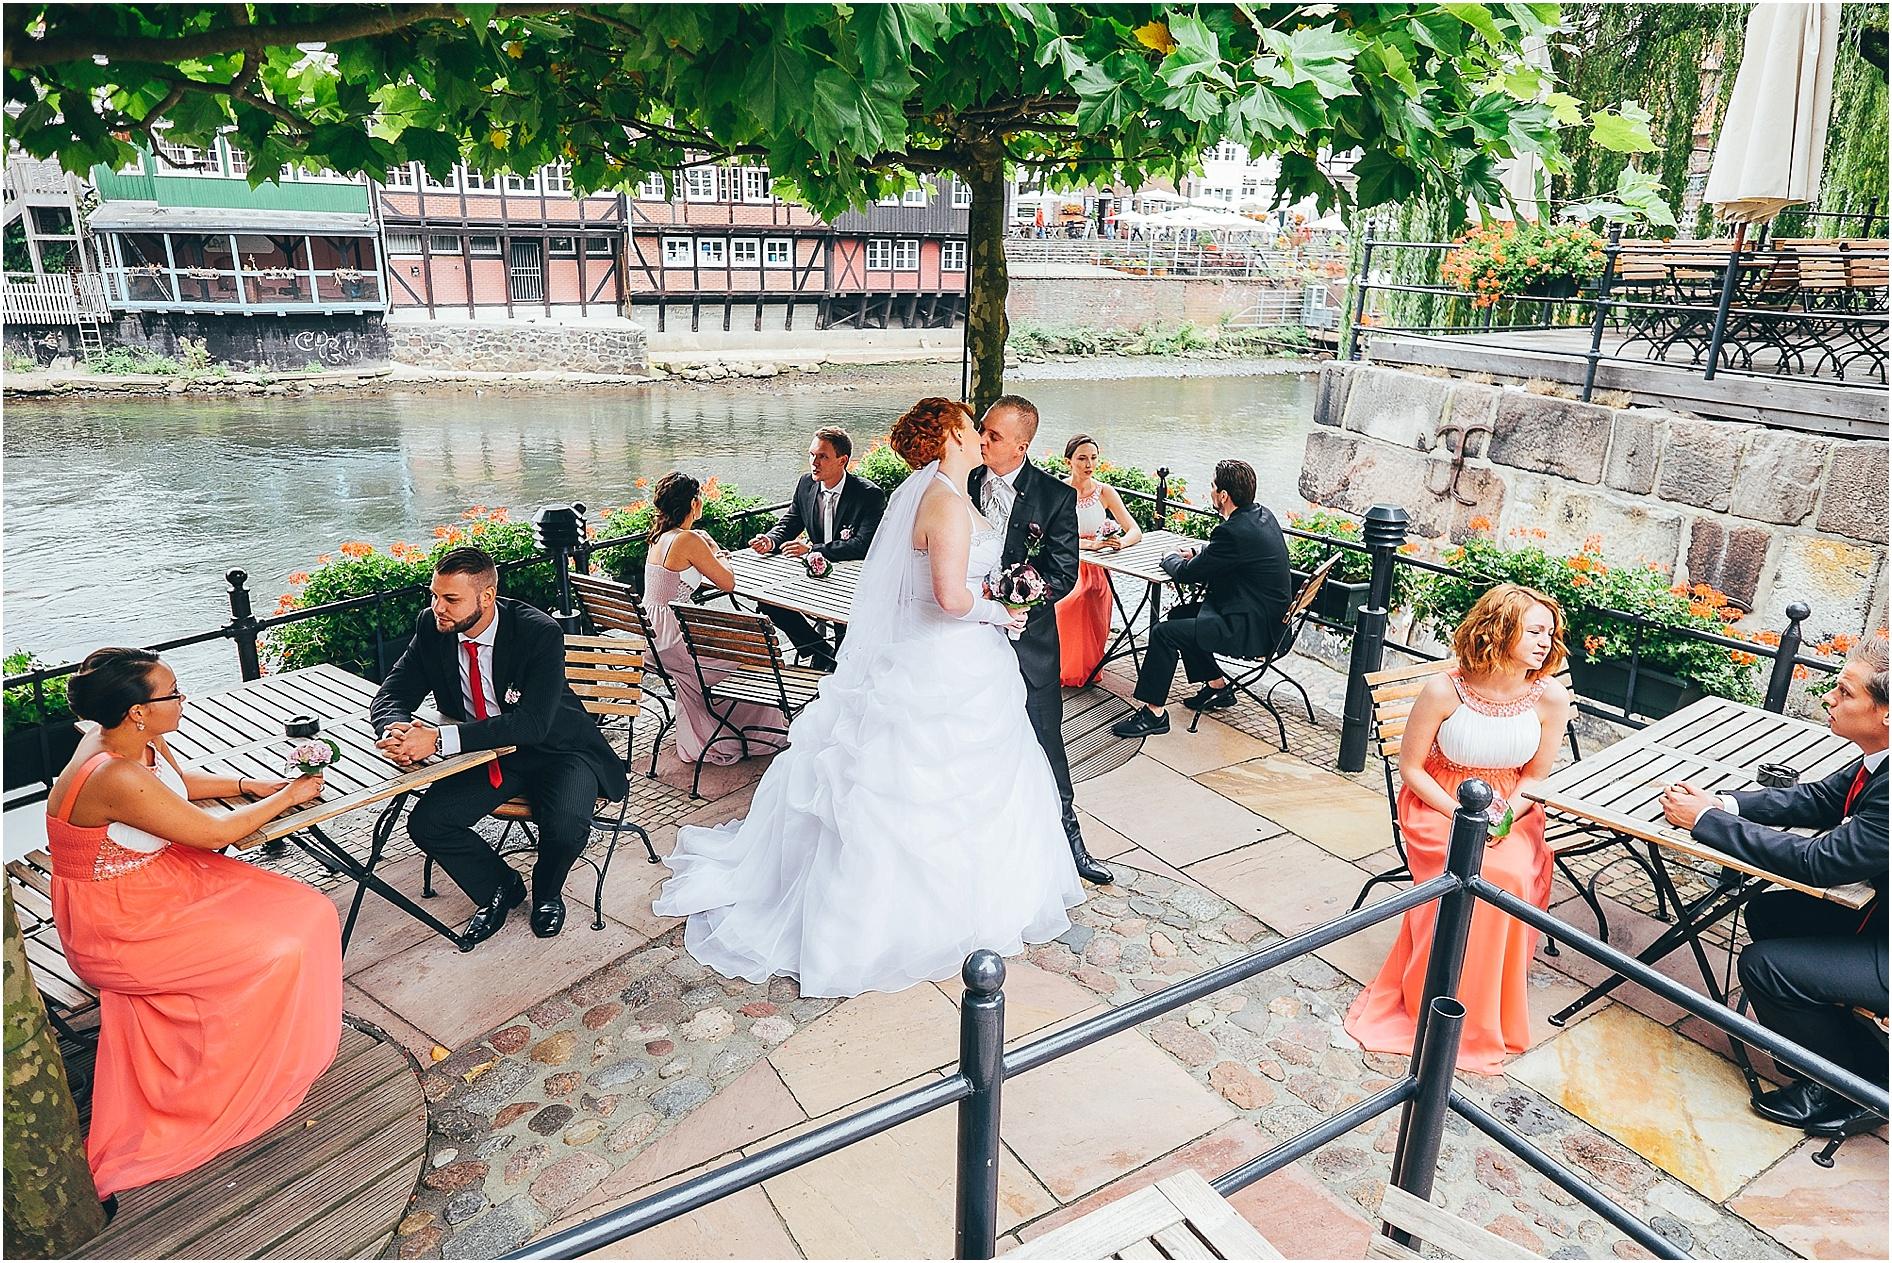 2014-11-20_0067 Lora & Daniel - Als Hochzeitsfotograf in Lüneburg